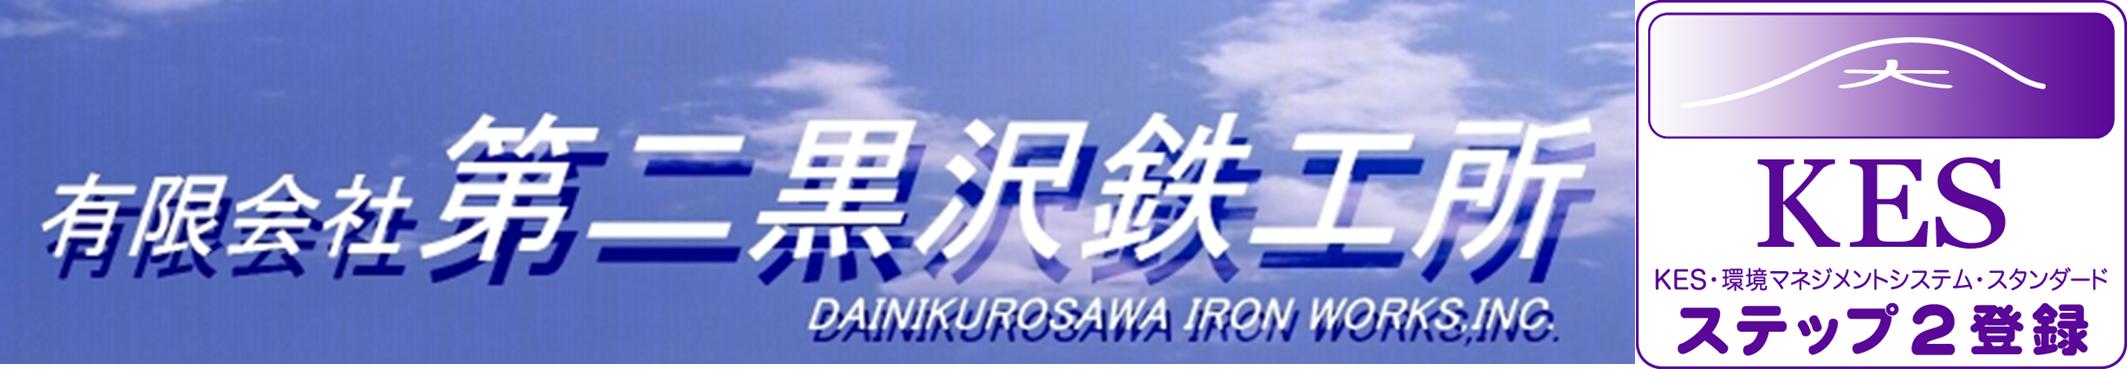 有限会社第二黒沢鉄工所